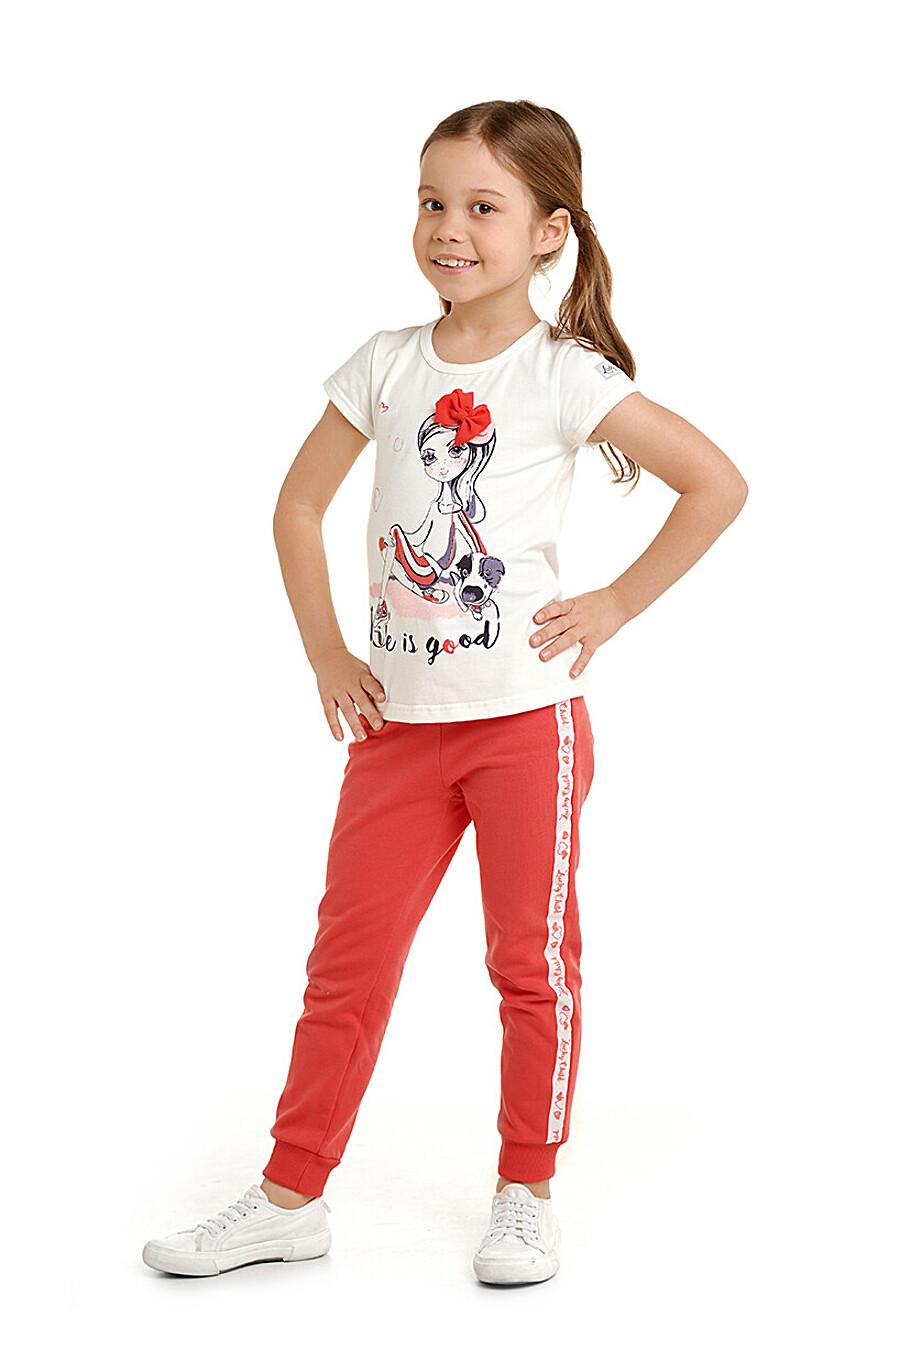 Футболка для девочек LUCKY CHILD 177328 купить оптом от производителя. Совместная покупка детской одежды в OptMoyo